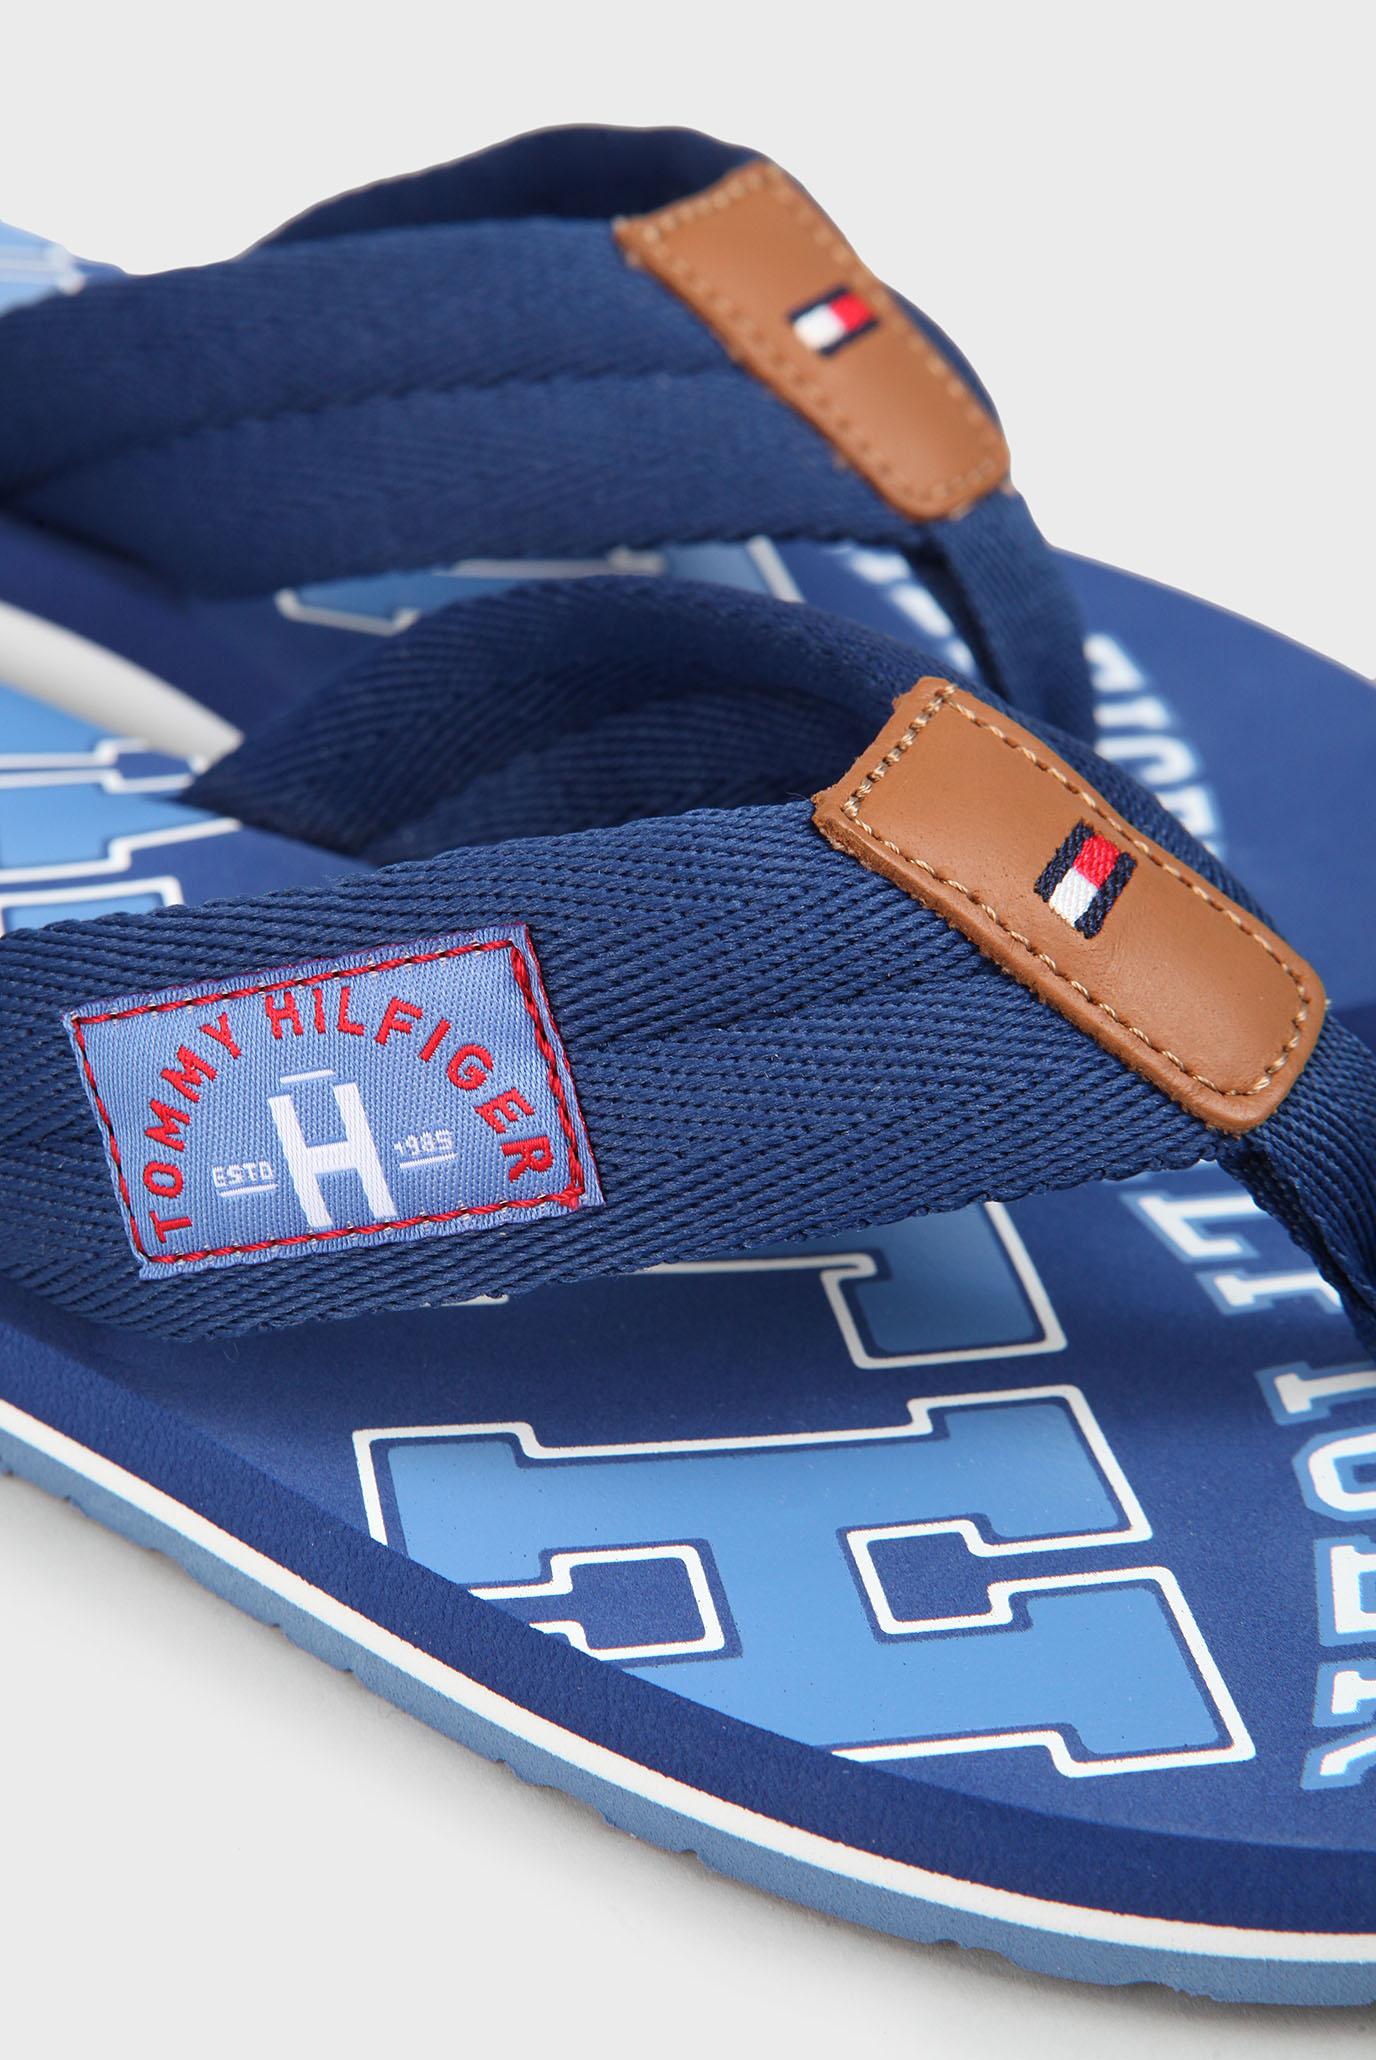 Купить Мужские голубые вьетнамки Tommy Hilfiger Tommy Hilfiger FM0FM01369 – Киев, Украина. Цены в интернет магазине MD Fashion